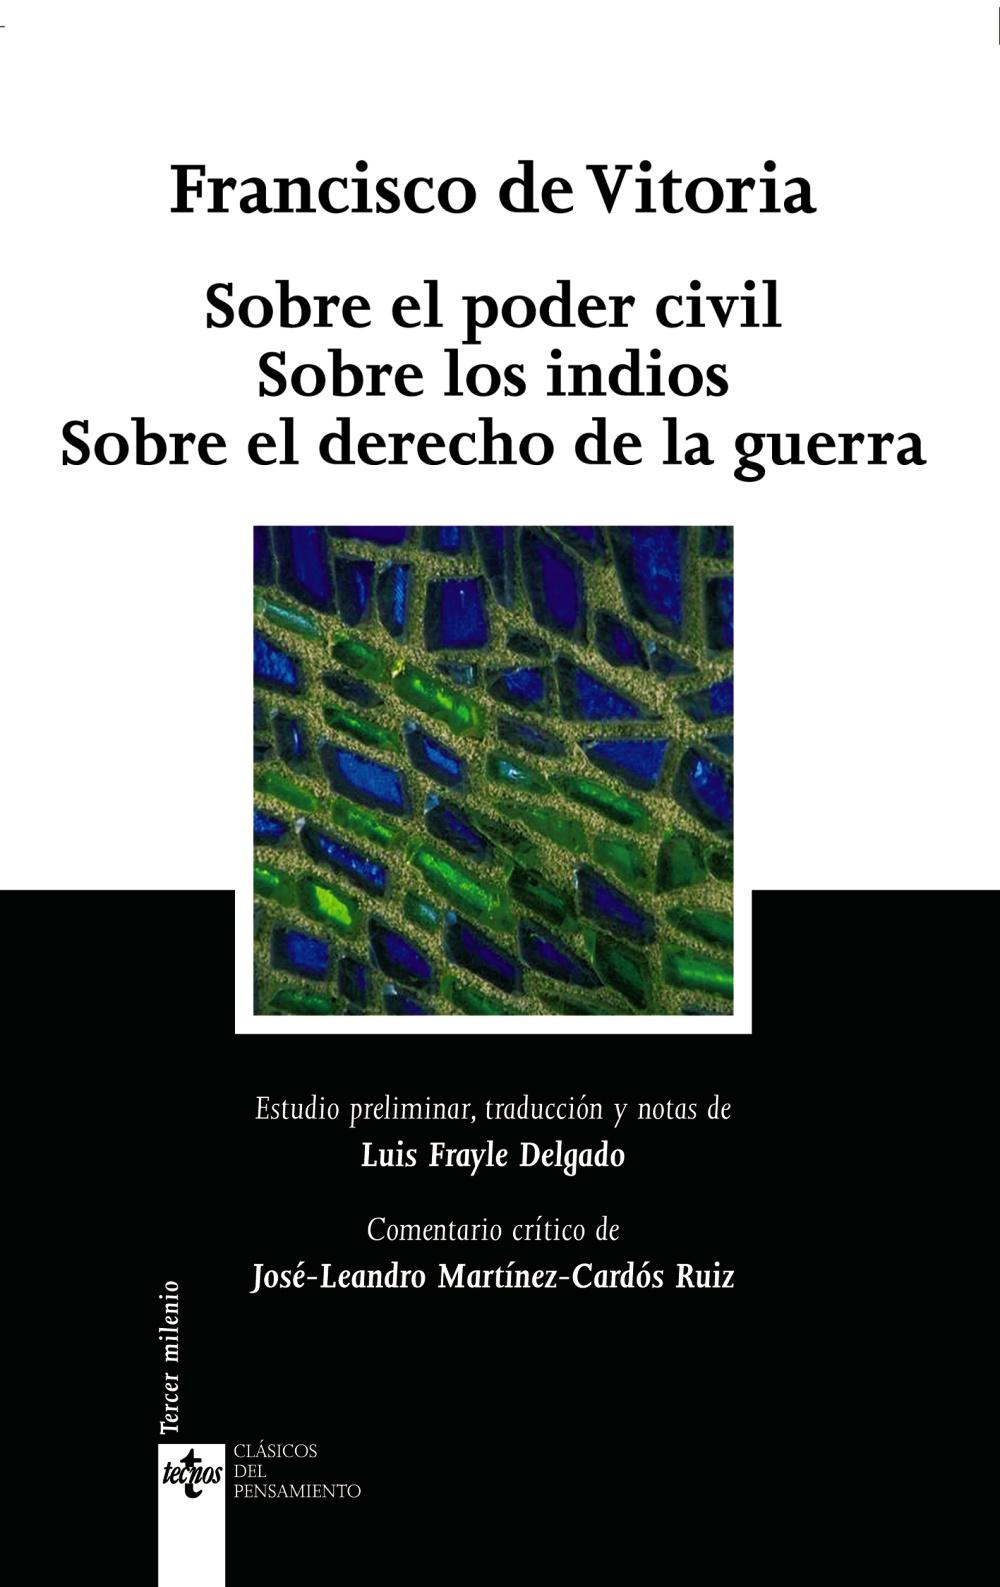 Sobre El Poder Civil; Sobre Los Indios; Sobre El Derecho De La Gu Erra (2ª Edicion) por Francisco De Vitoria